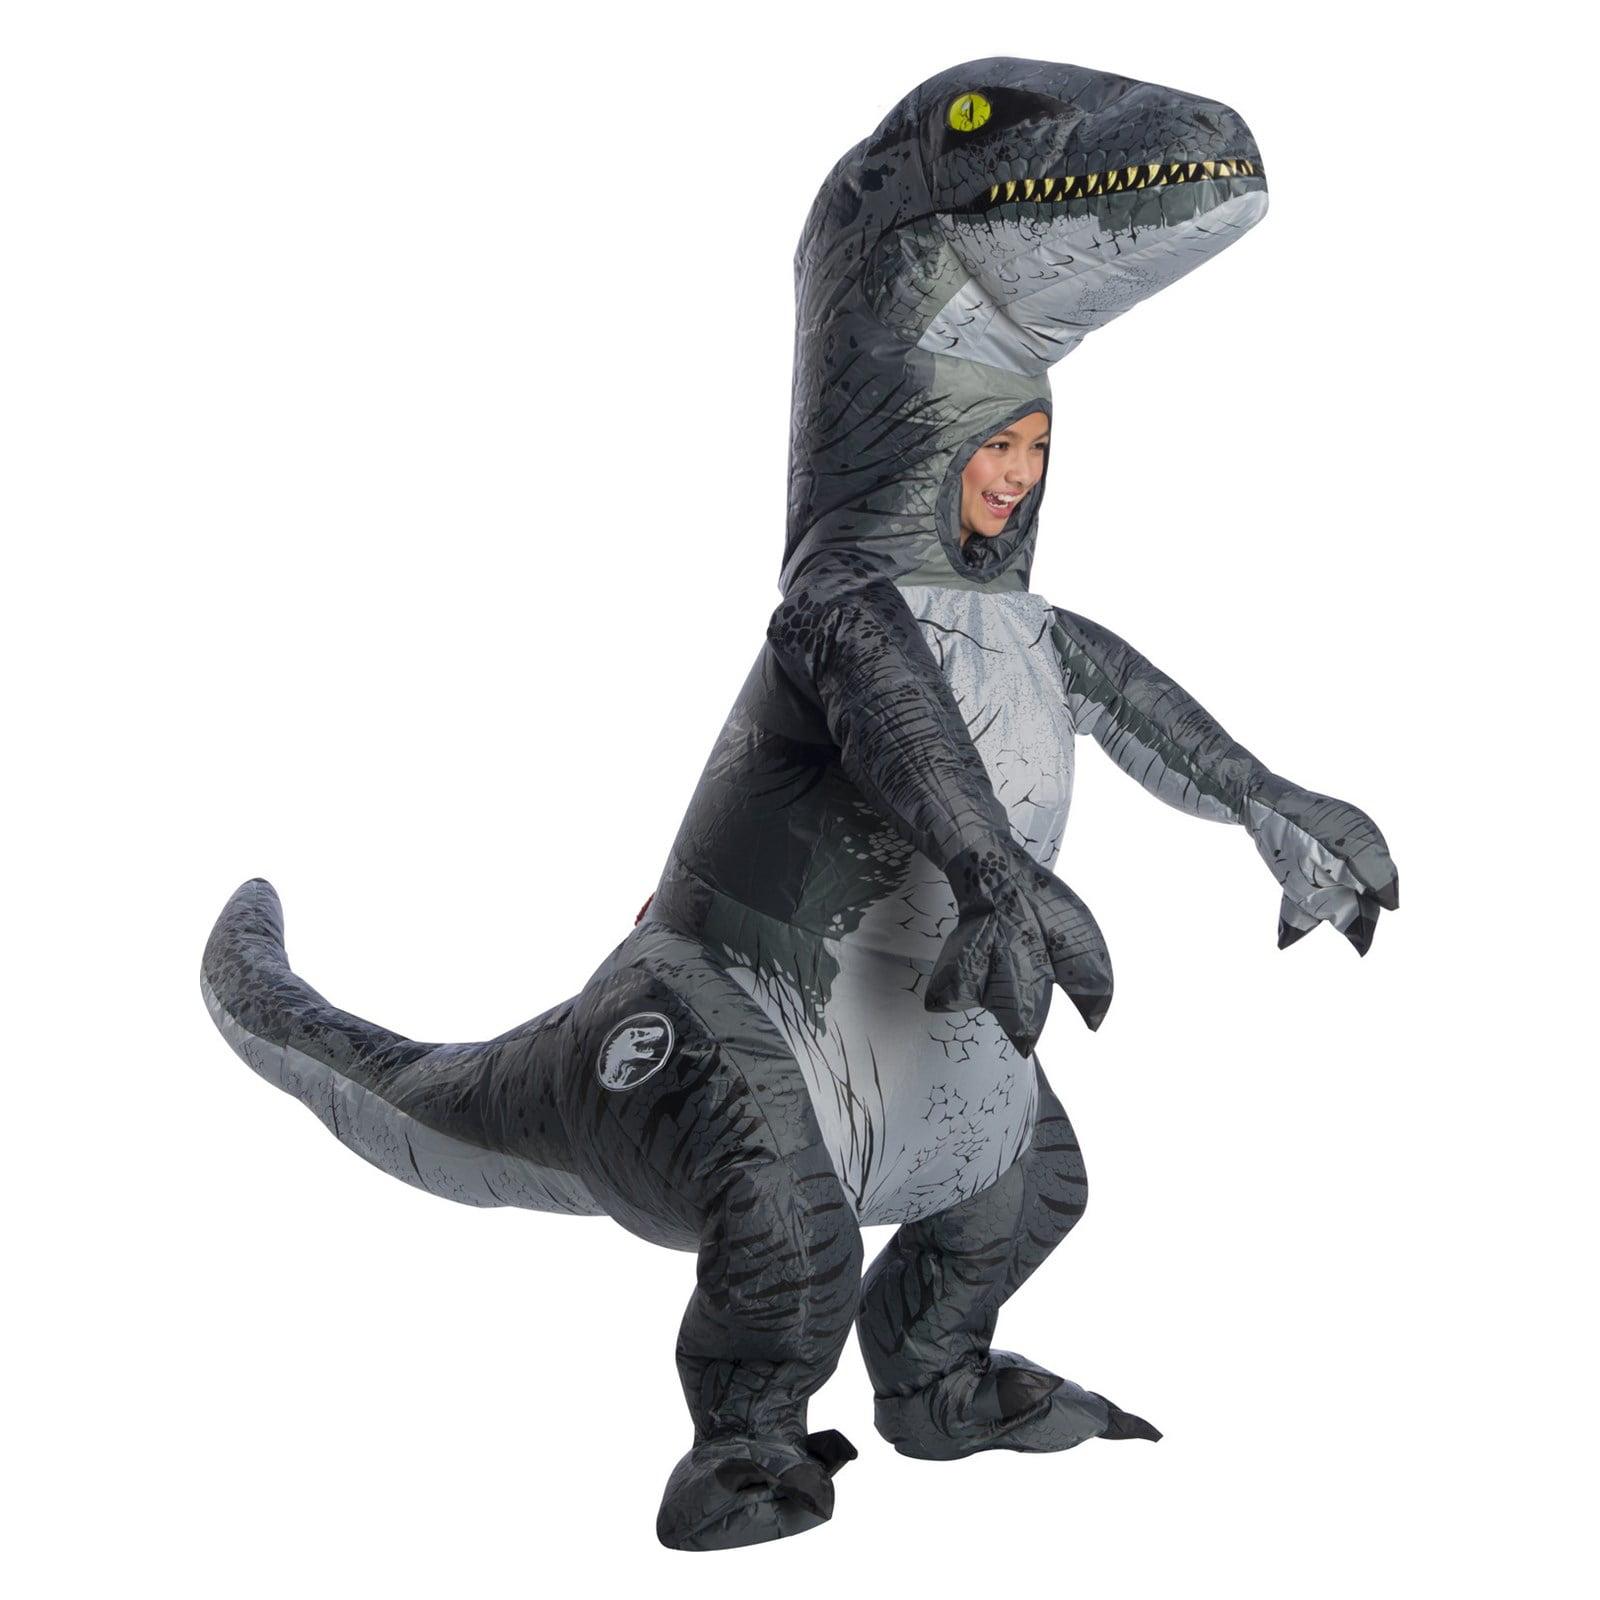 Jurassic World: Fallen Kingdom Childrens Velociraptor Inflatable Halloween Costume With Sound